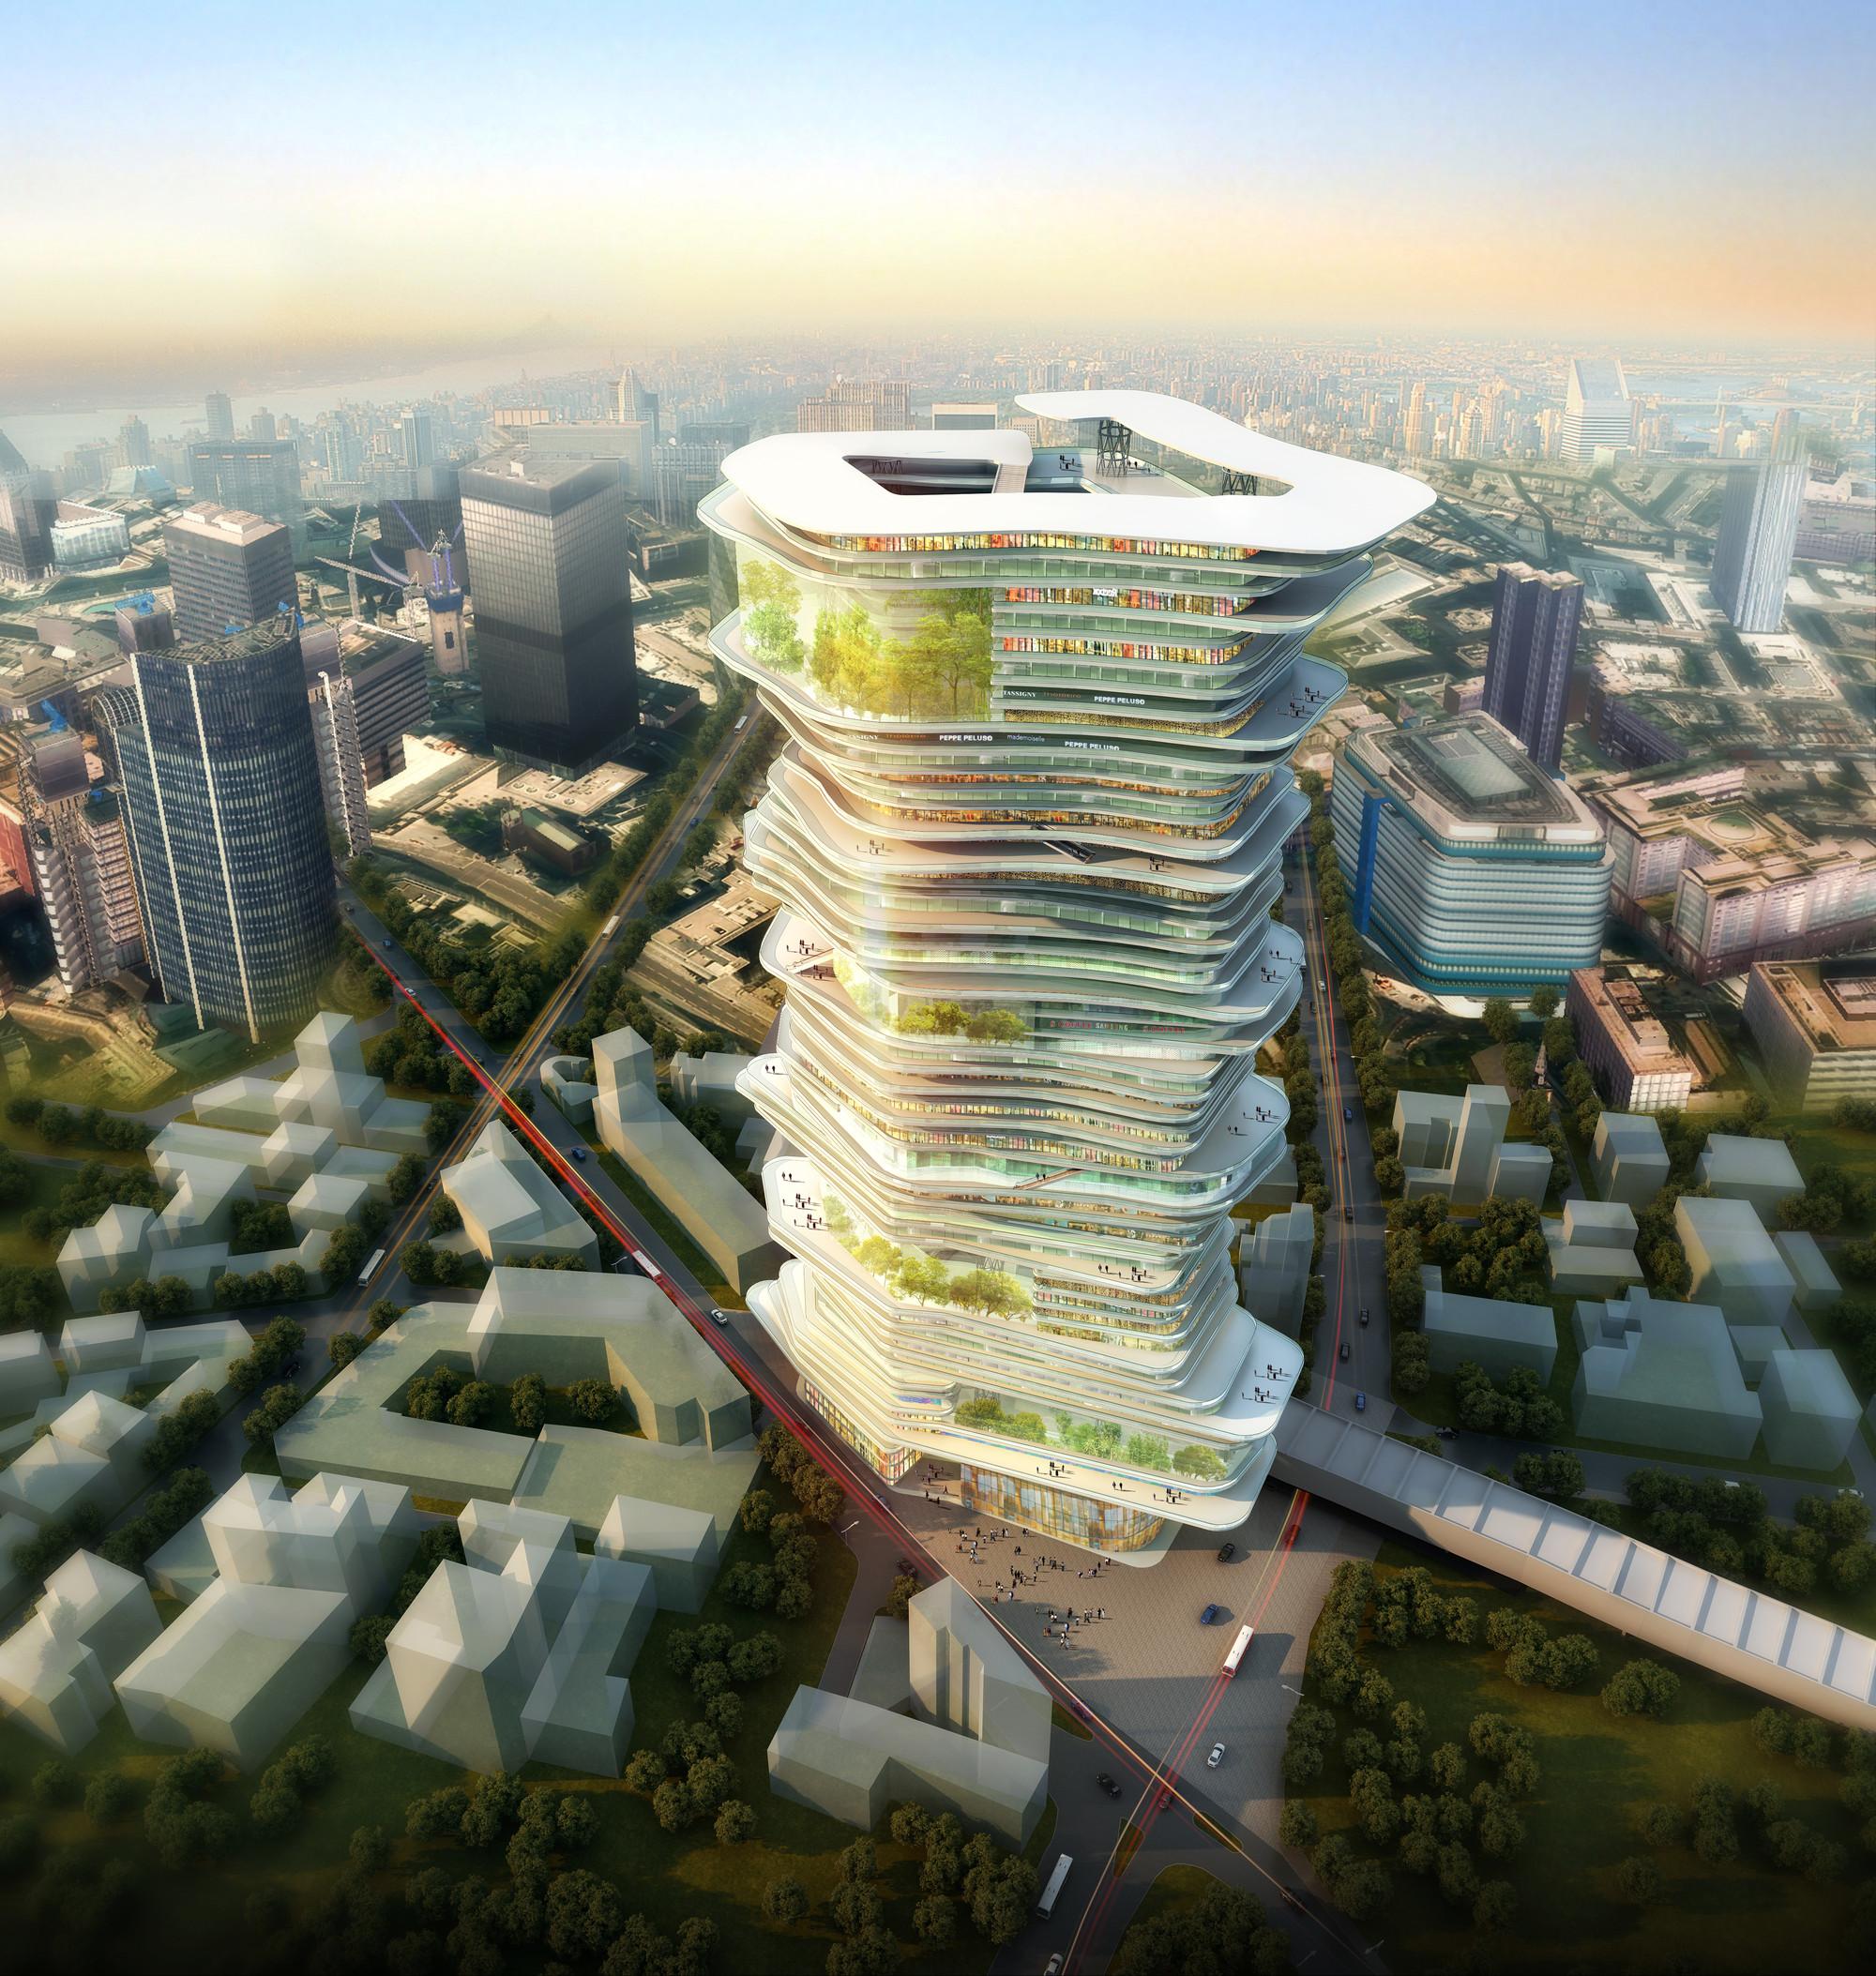 Primer Lugar en concurso de ideas SuperSkyScrapers, Cortesia de SURE Architecture Company